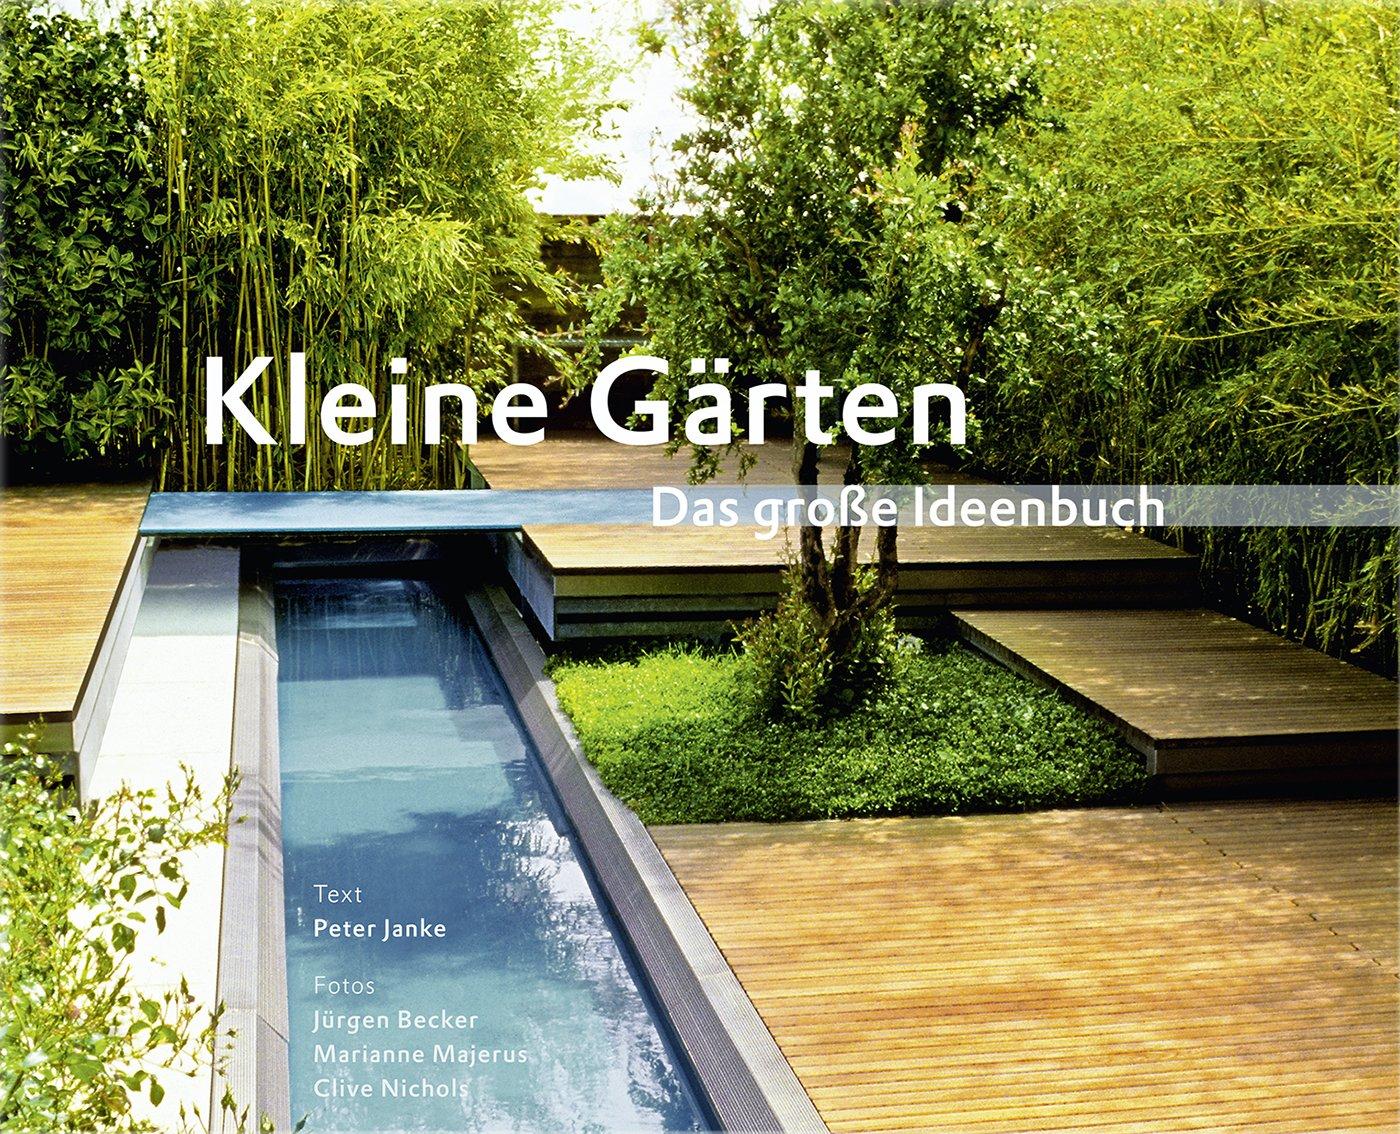 Garten design die sch nsten b cher zur gartengestaltung for Gartengestaltung 20 qm